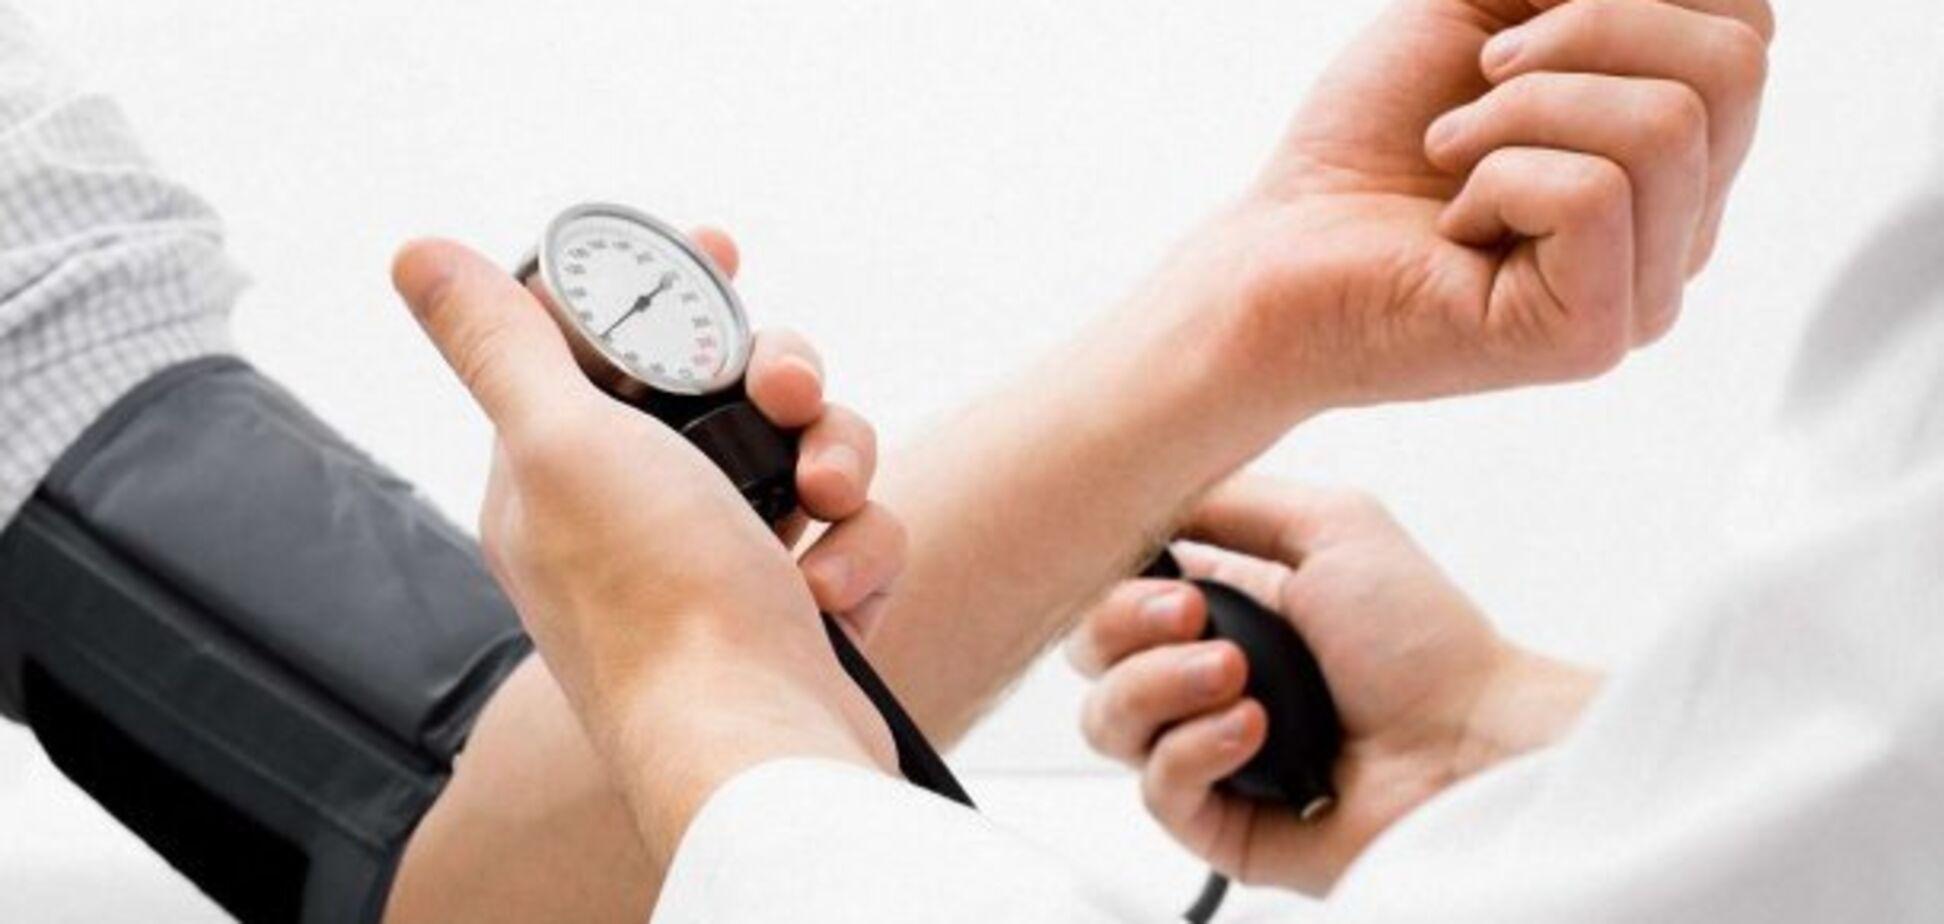 Знижує тиск без ліків: названі шість простих способів